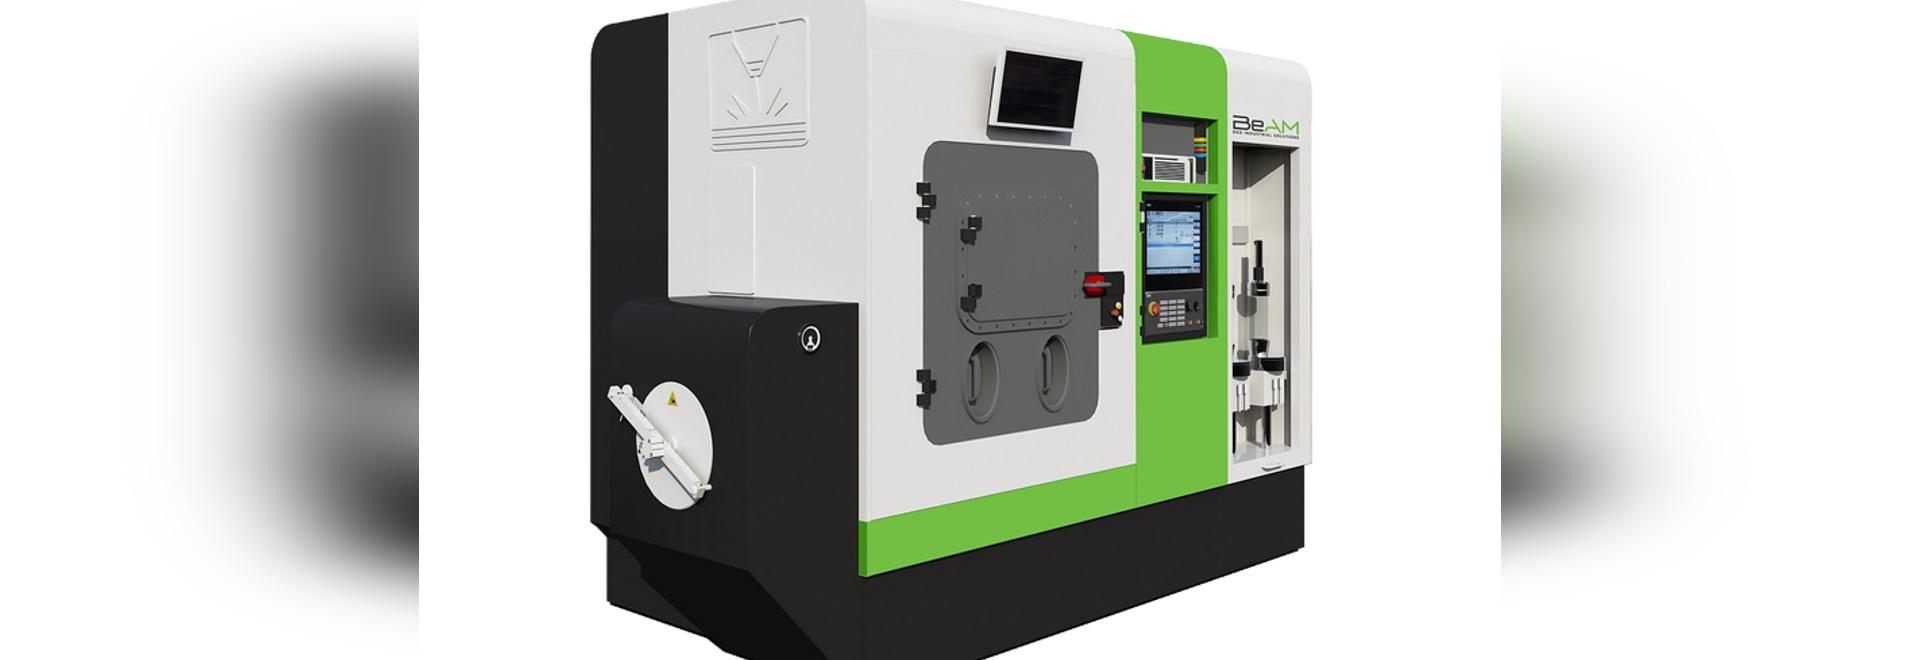 ORNL investit dans l'imprimante 3D du modulo 400 de la poutre